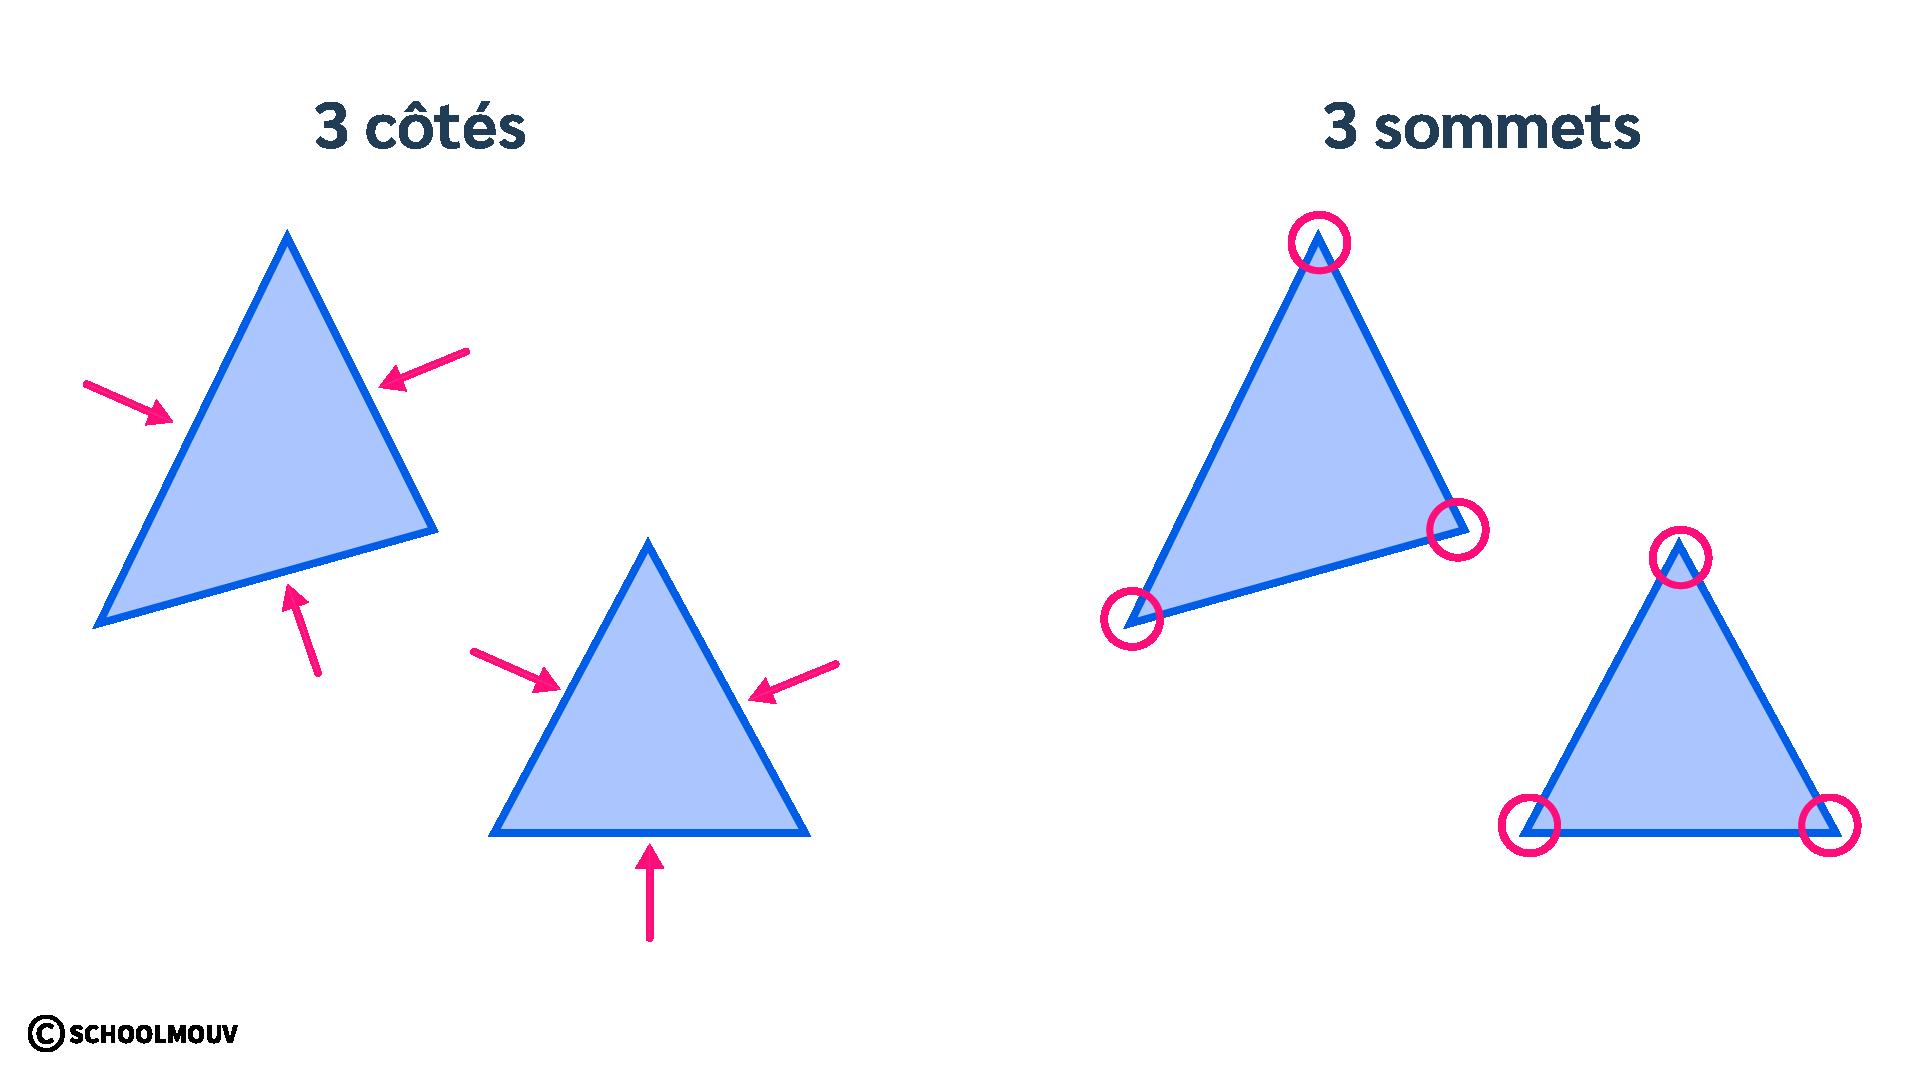 Mathématiques primaire CP espace géométrie figures géométriques triangle côtés sommets